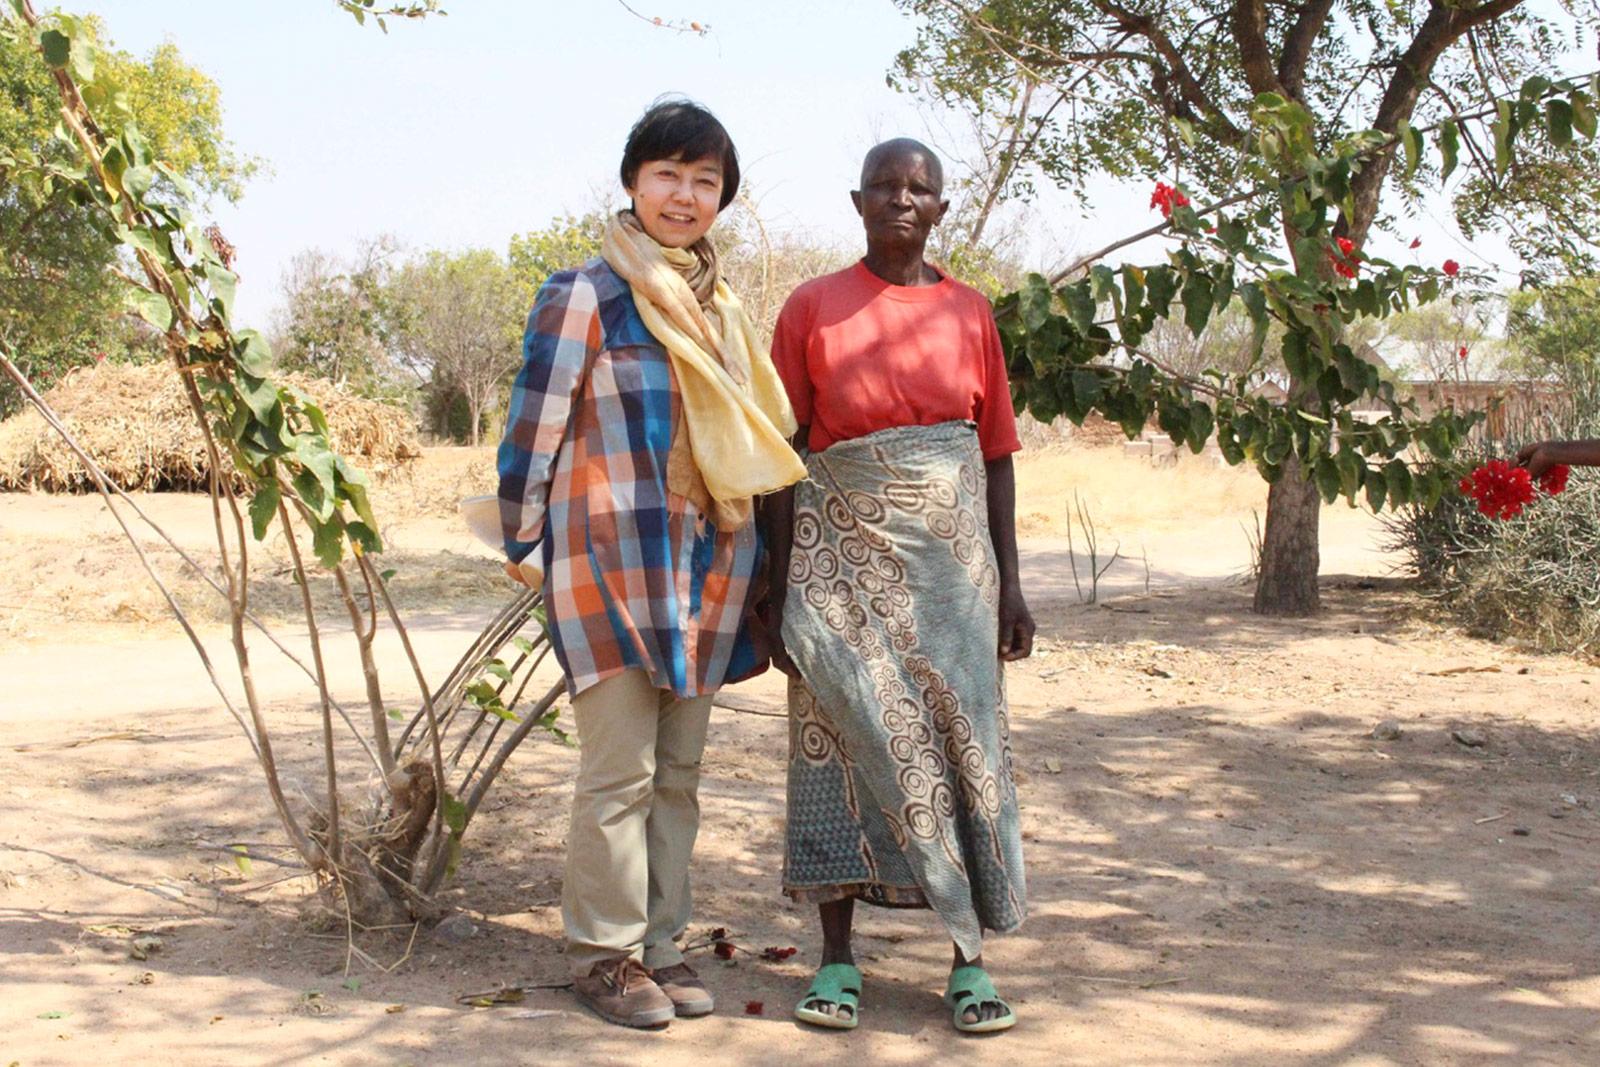 タンザニア ドドマ州の農村調査共有林調査